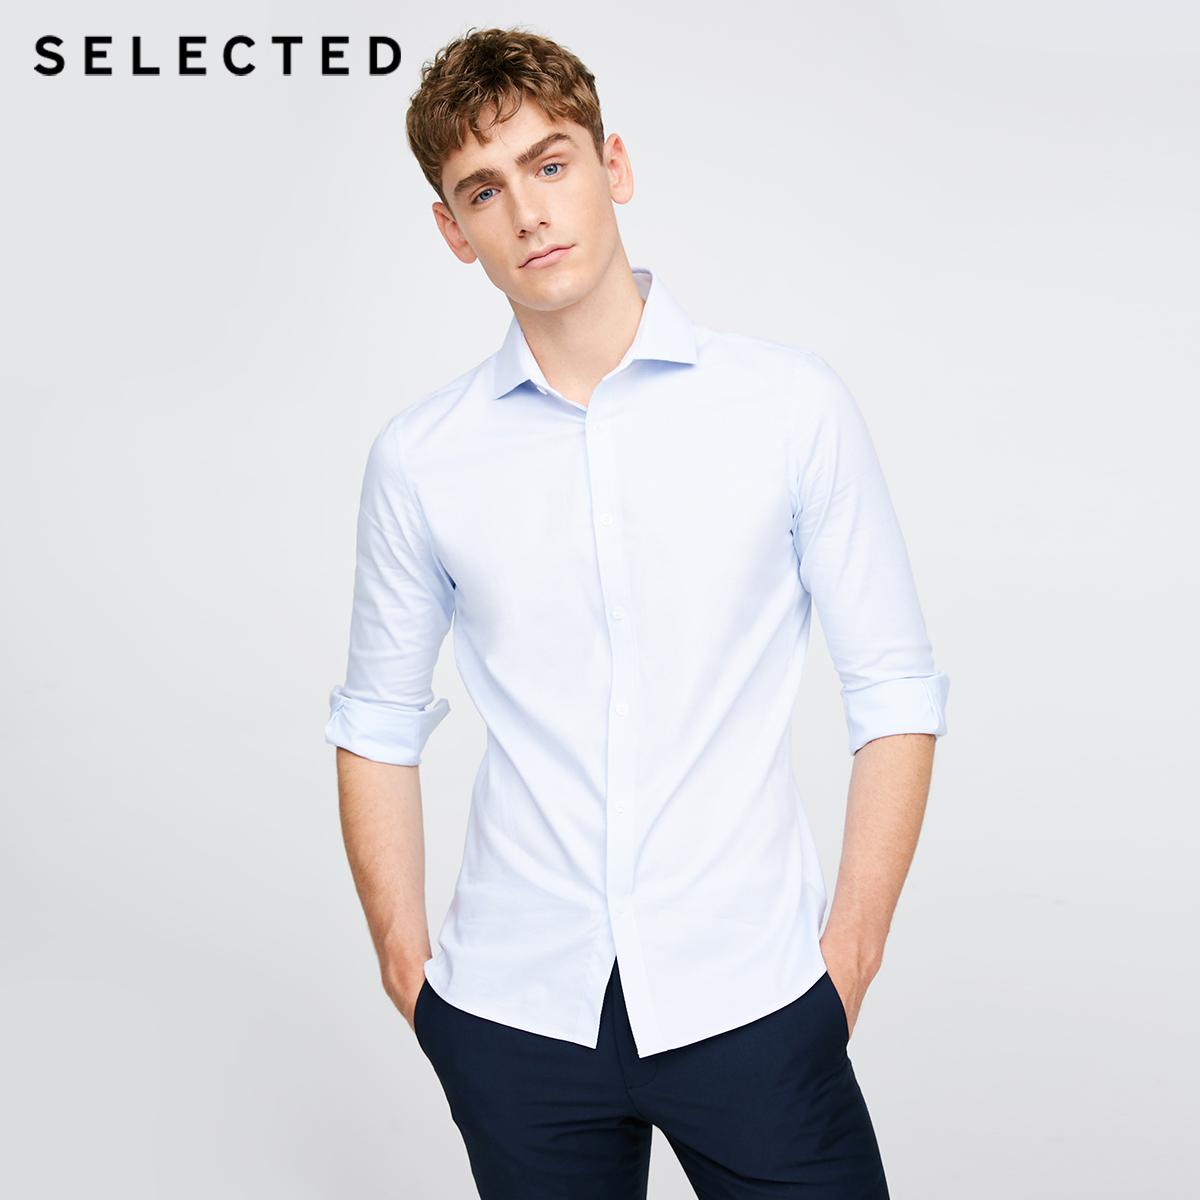 Поли SELECTED Slade мужской содержит хлопок Сводка приталенный Обслуживание предприятий для отдыха длинный рукав сорочка T|417305511